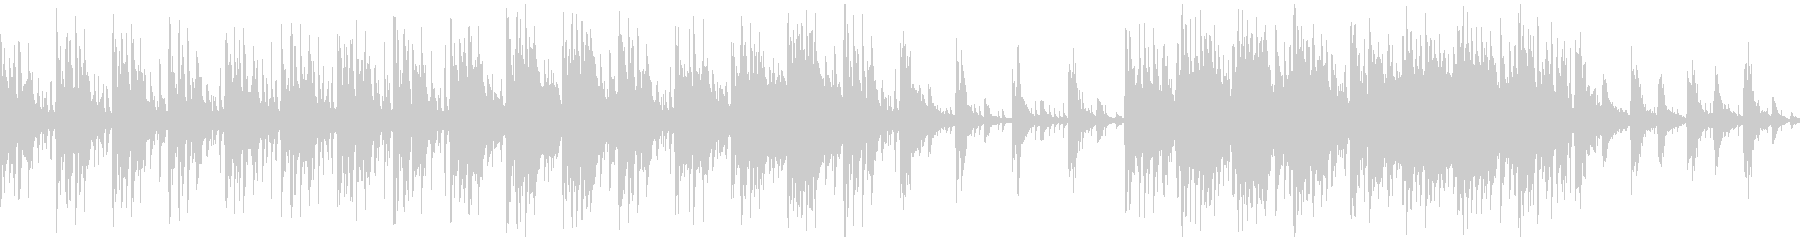 ドワーフの集落【ループ素材系】の未再生の波形